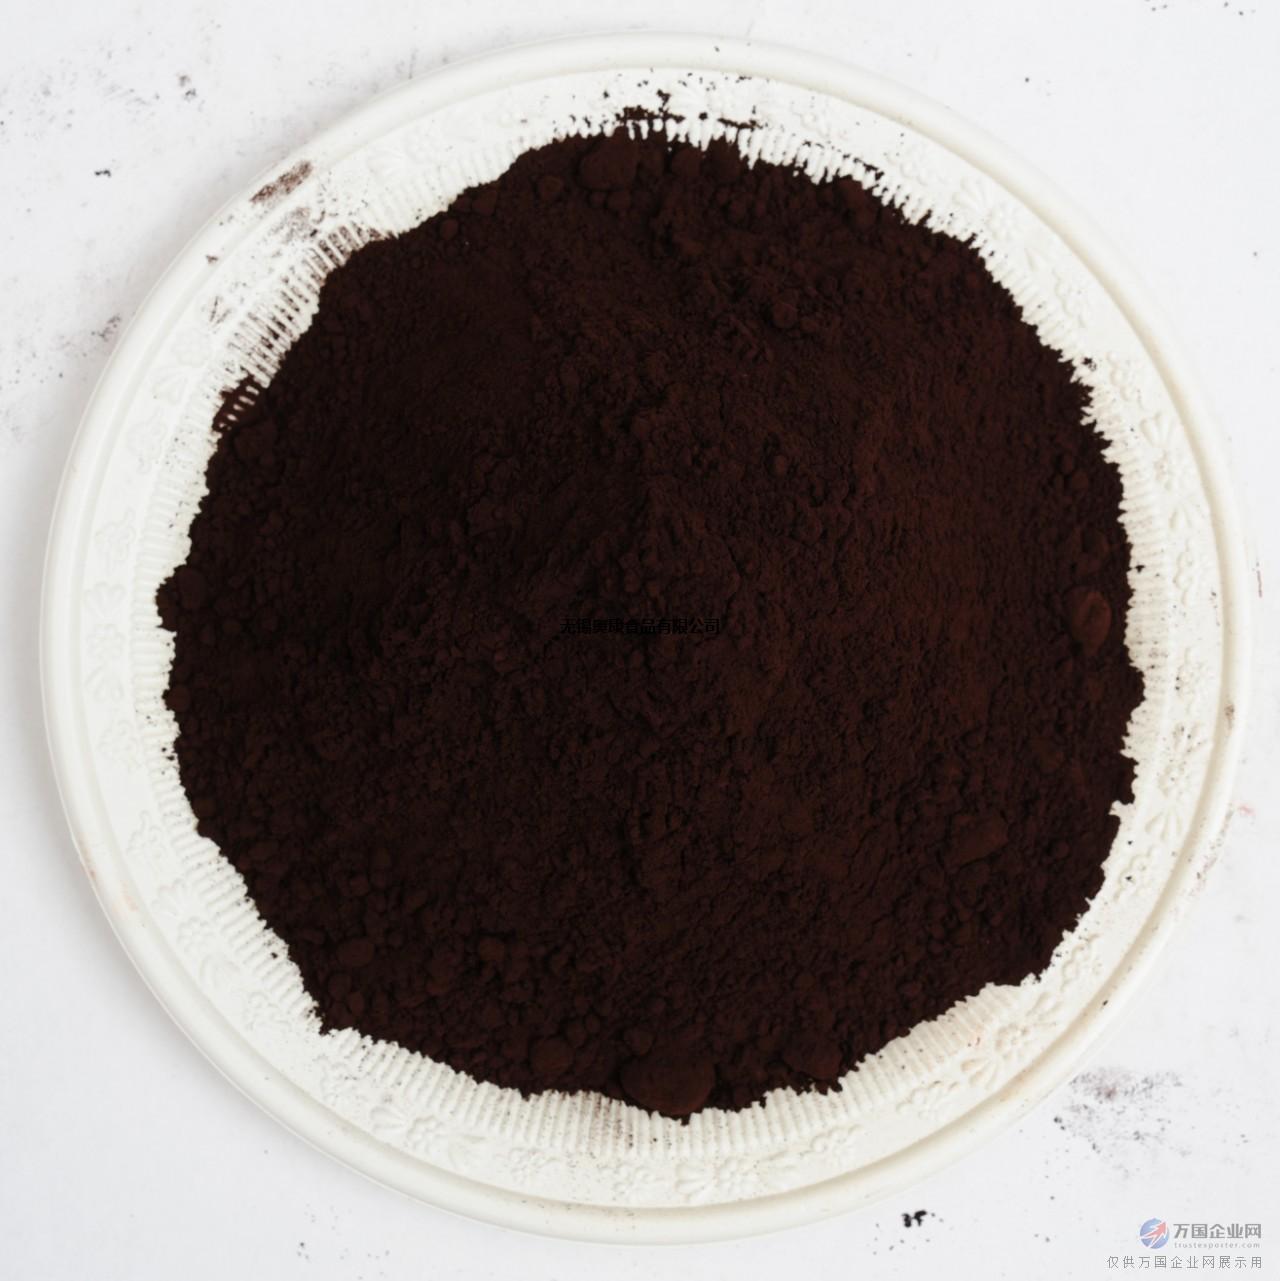 黑可可粉巧克力烘焙食品原料25公斤/袋